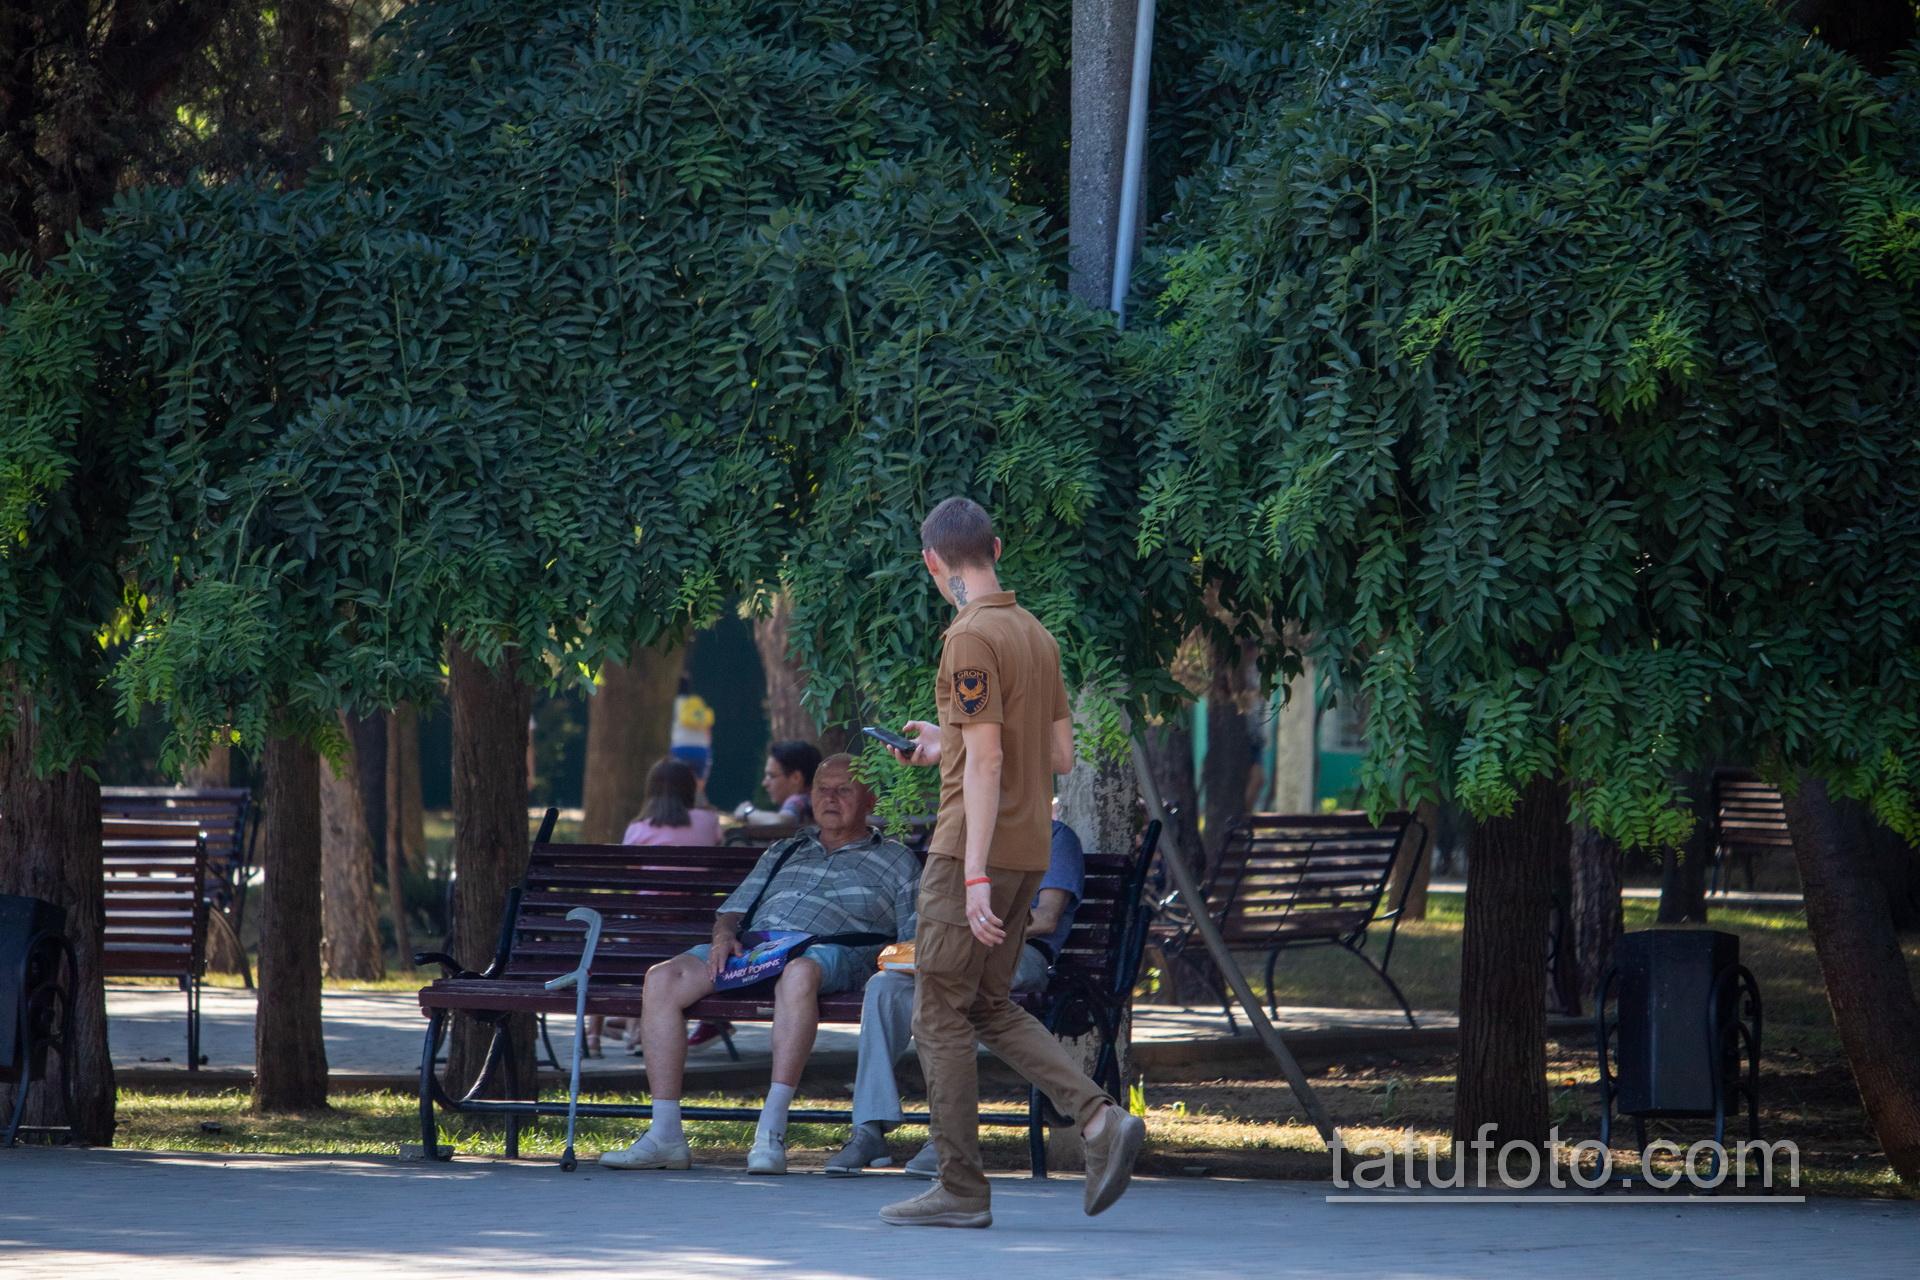 Тату с розой на руке и шее охранника в парке – Уличная татуировка 14.09.2020 – tatufoto.com 11